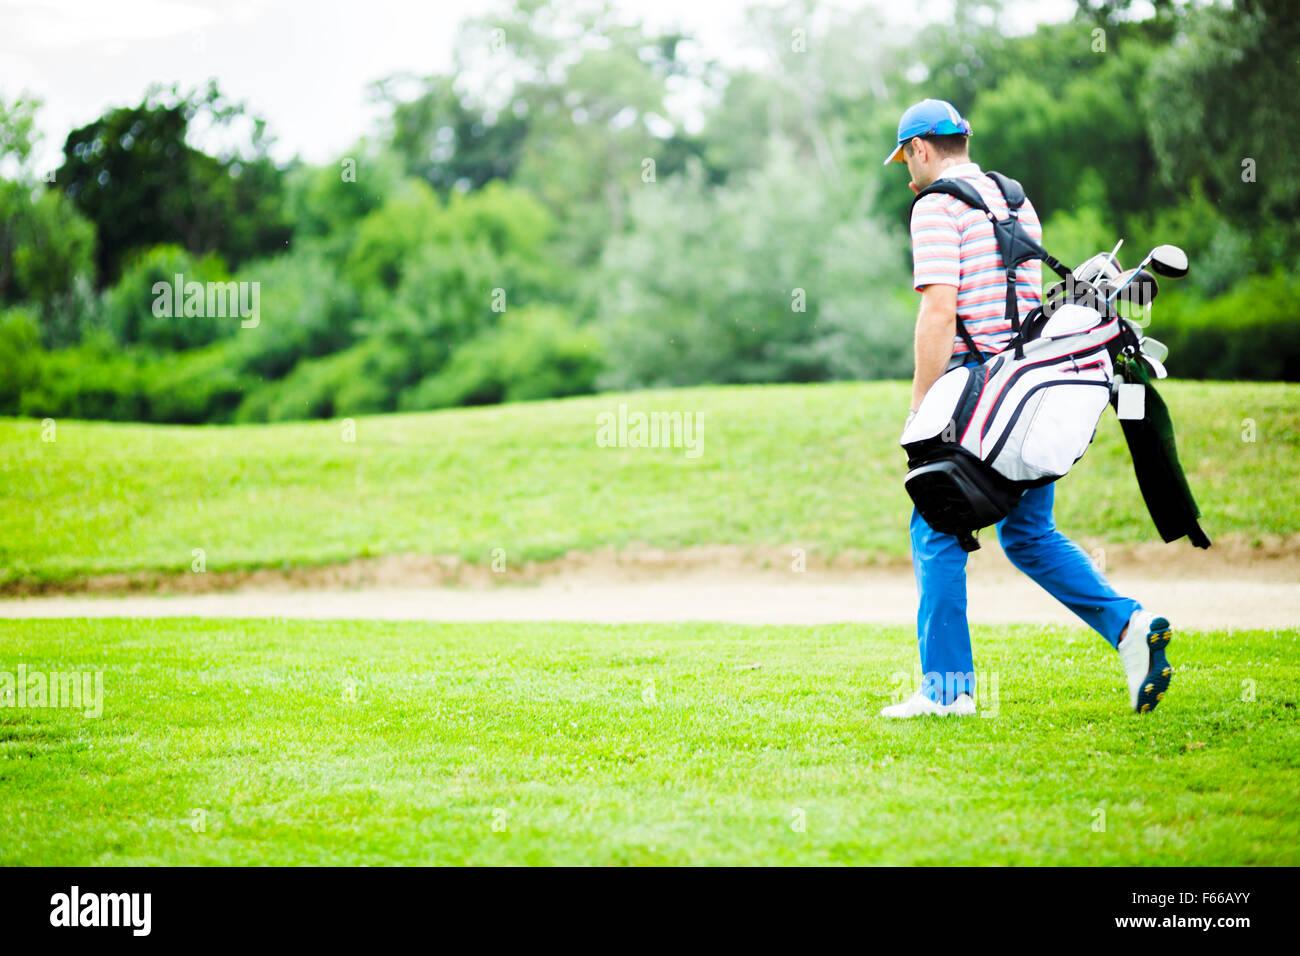 Golfer seine Ausrüstung an einem schönen sonnigen Tag Stockbild